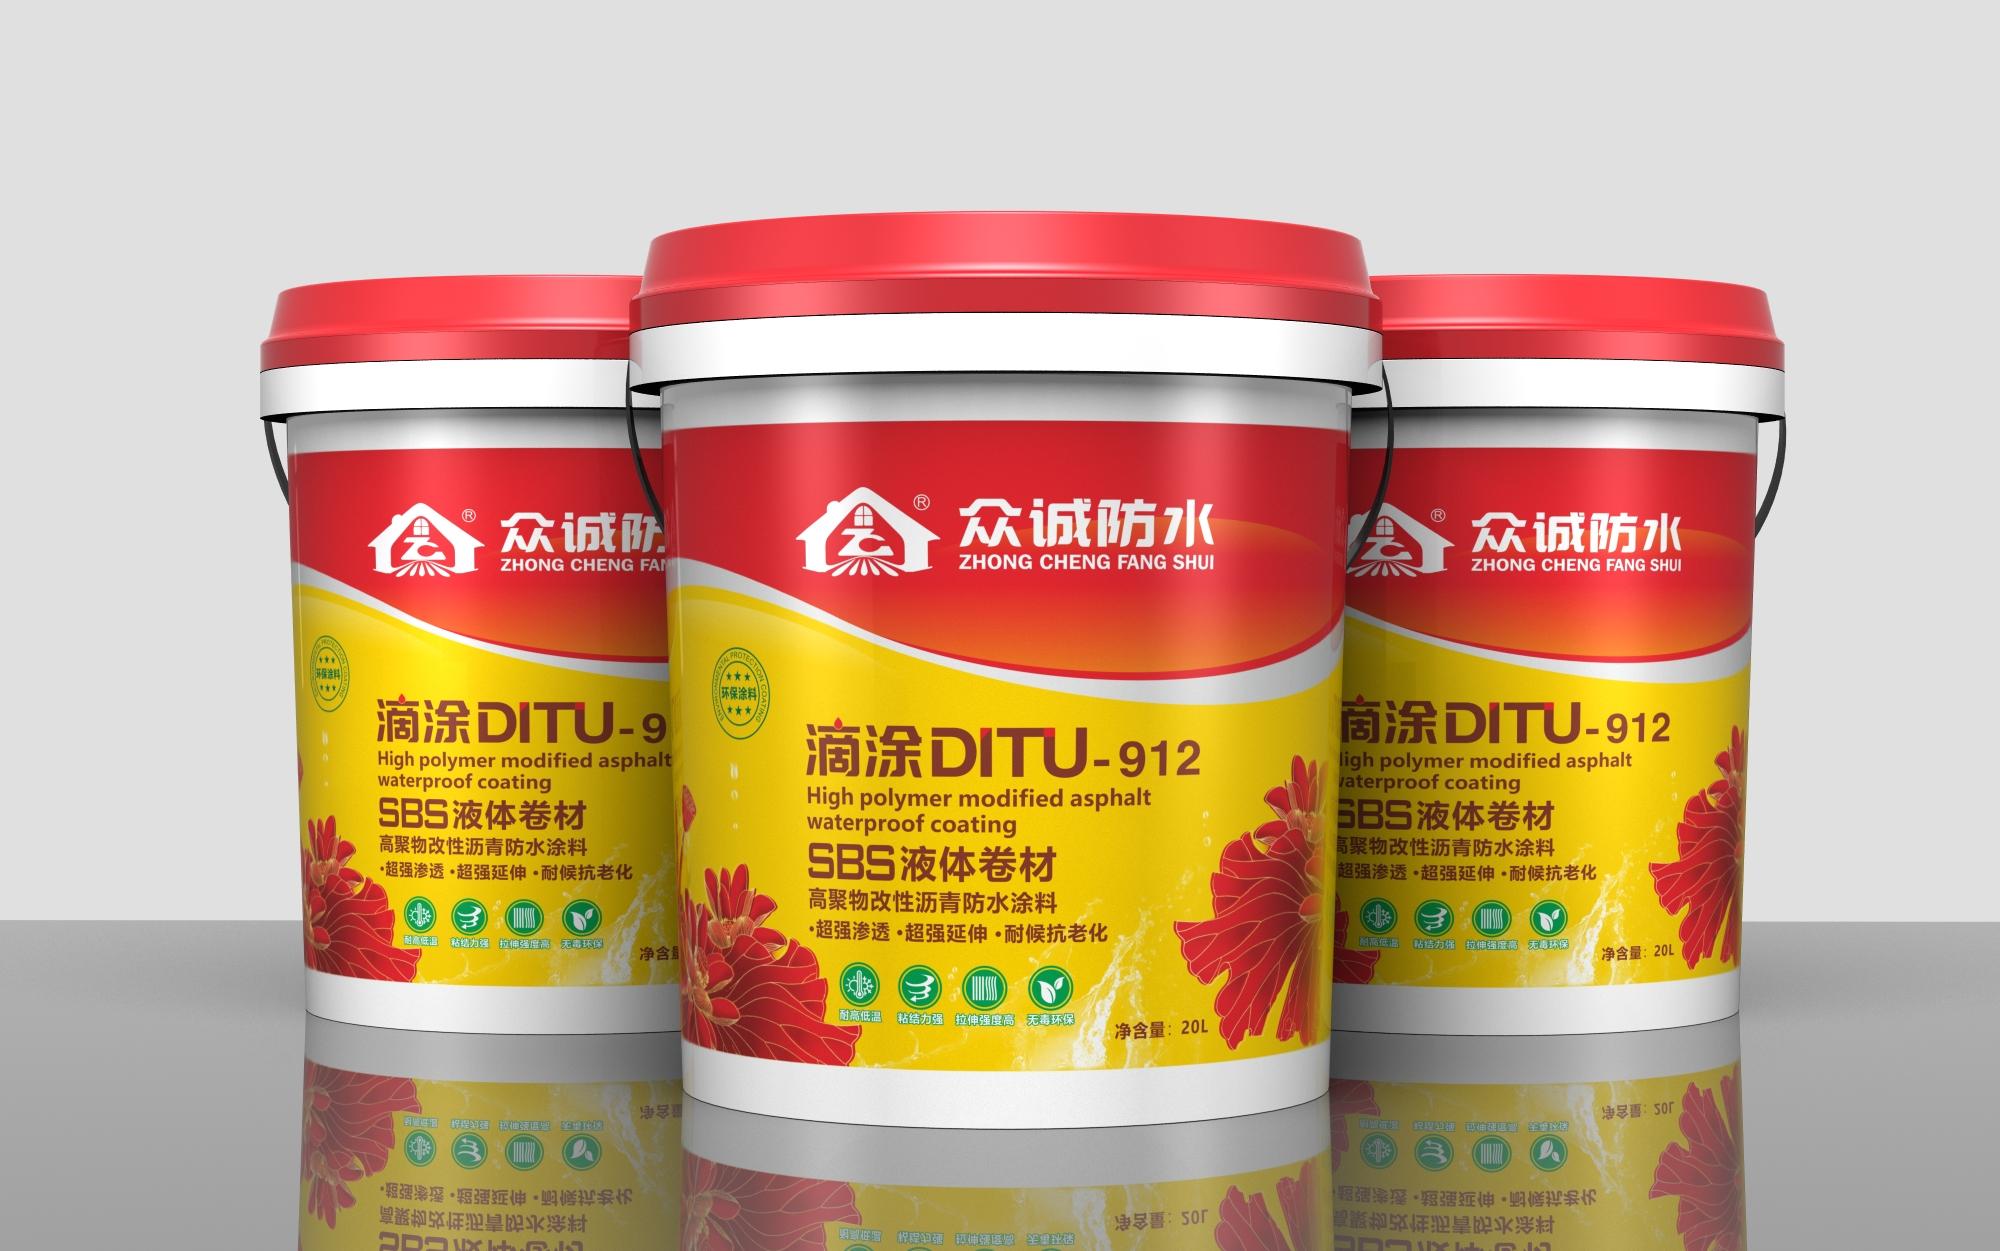 SBS液體卷材防水涂料